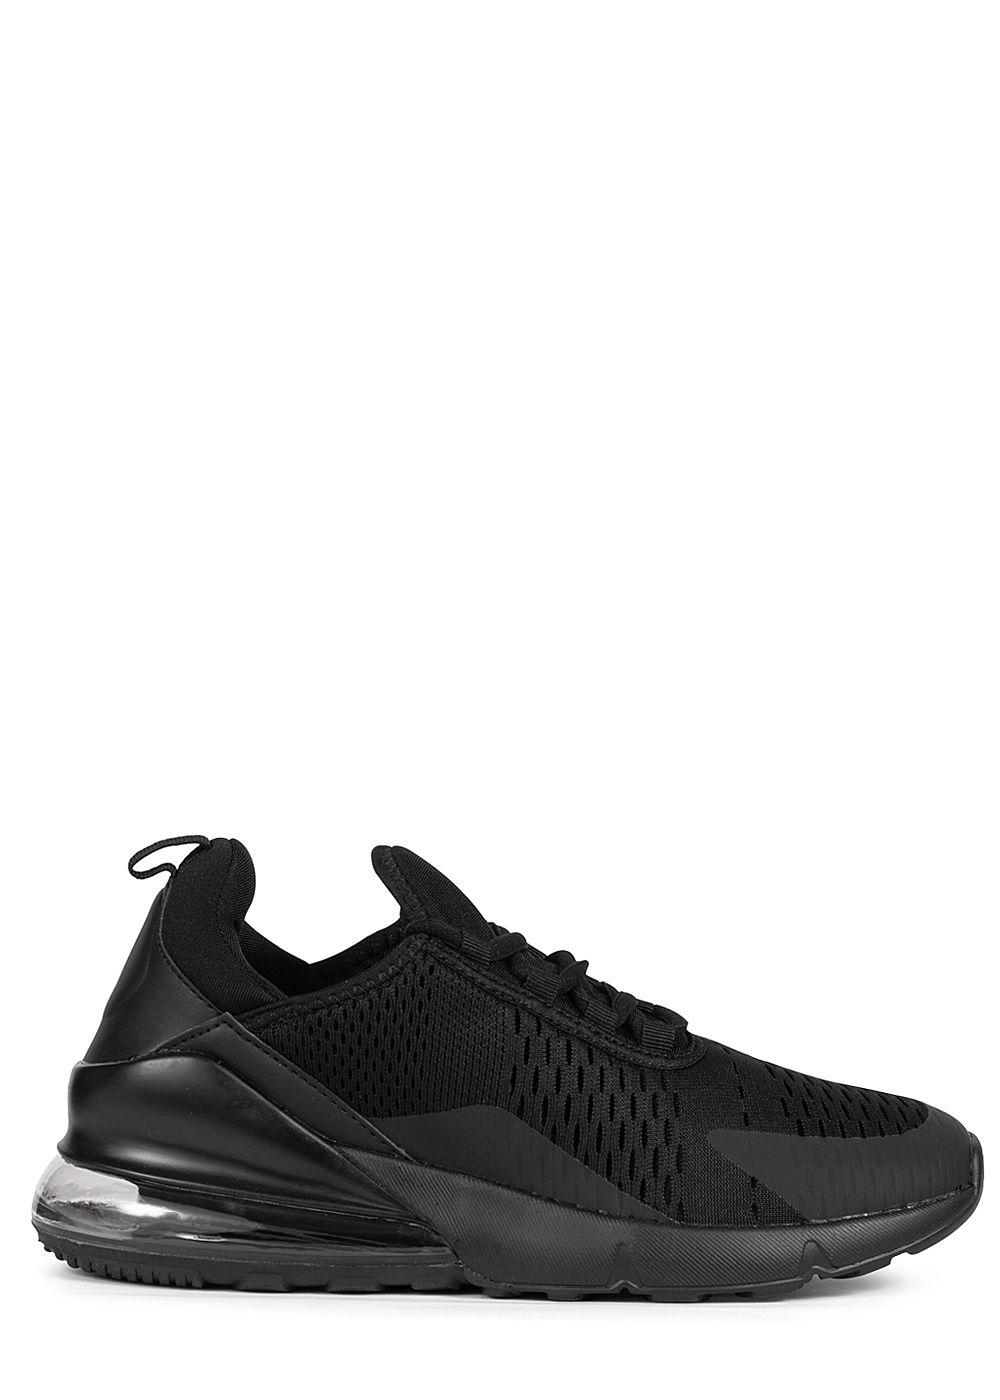 Sneaker Seventyseven Lifestyle schwarz Schuh Herren rdthBsxQC